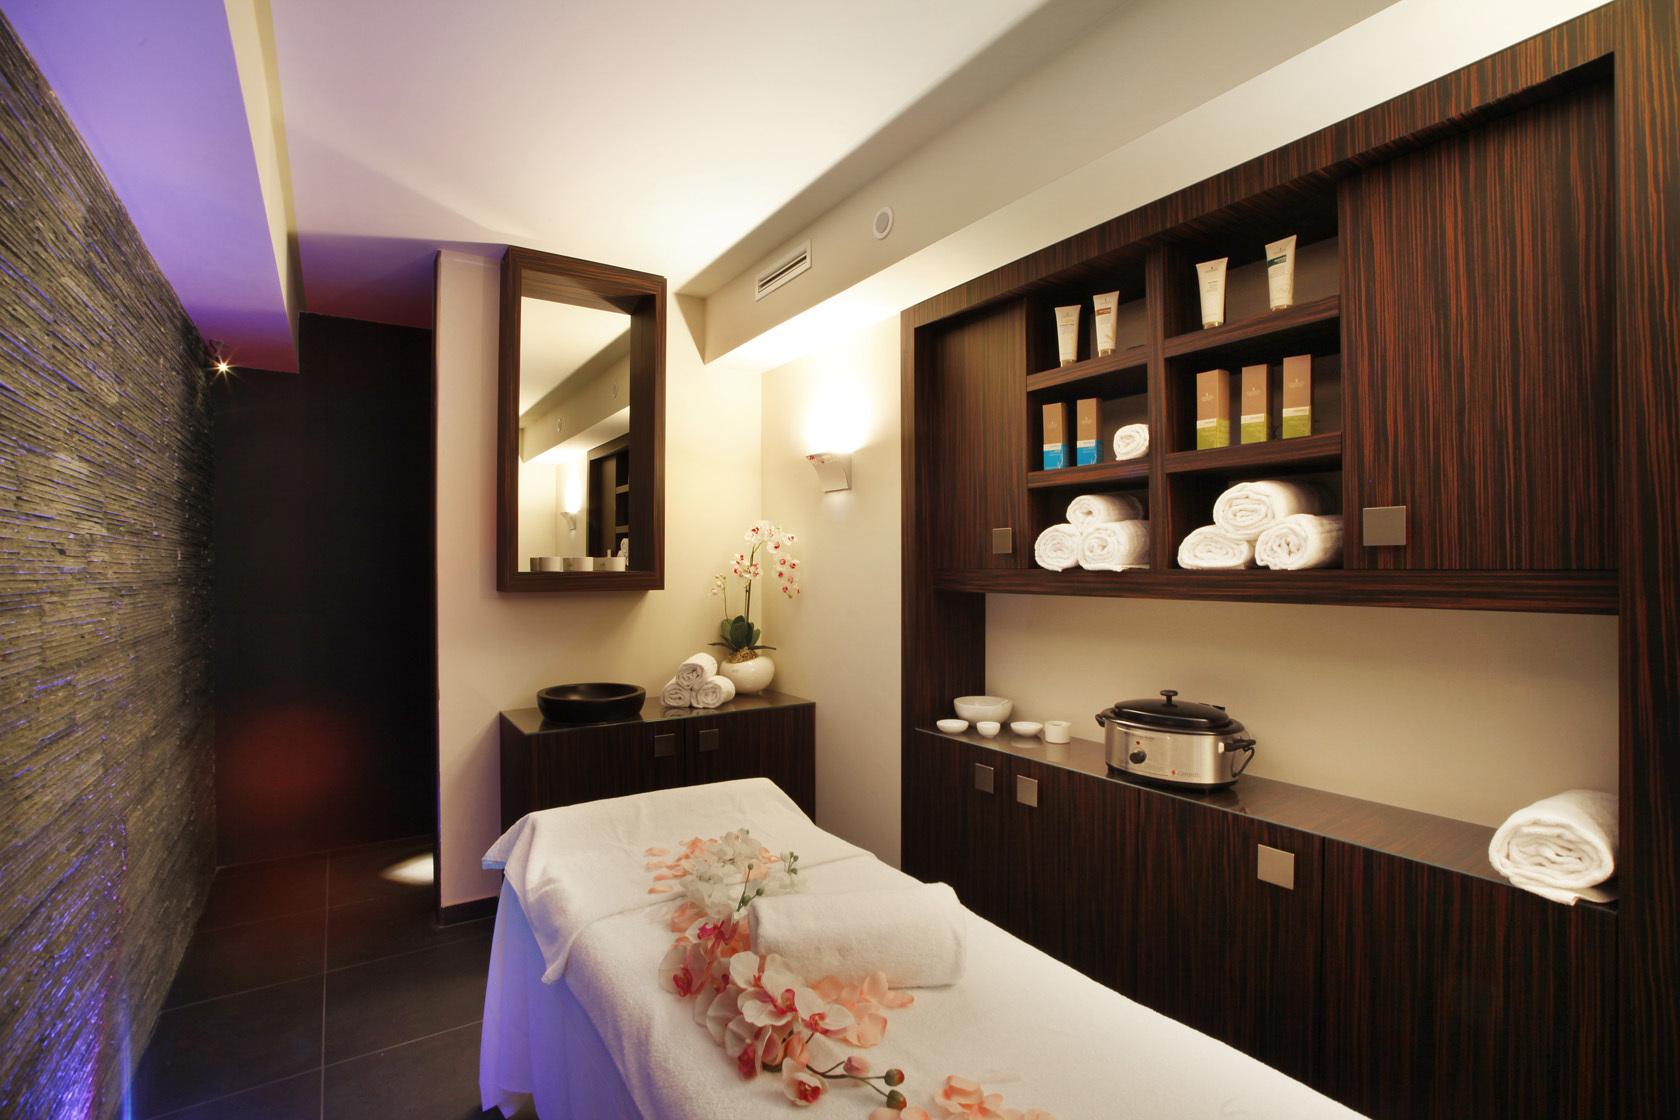 Centro benessere la cascade spa hotel parigi 2 for Affitti cabina cabina resort pinecrest